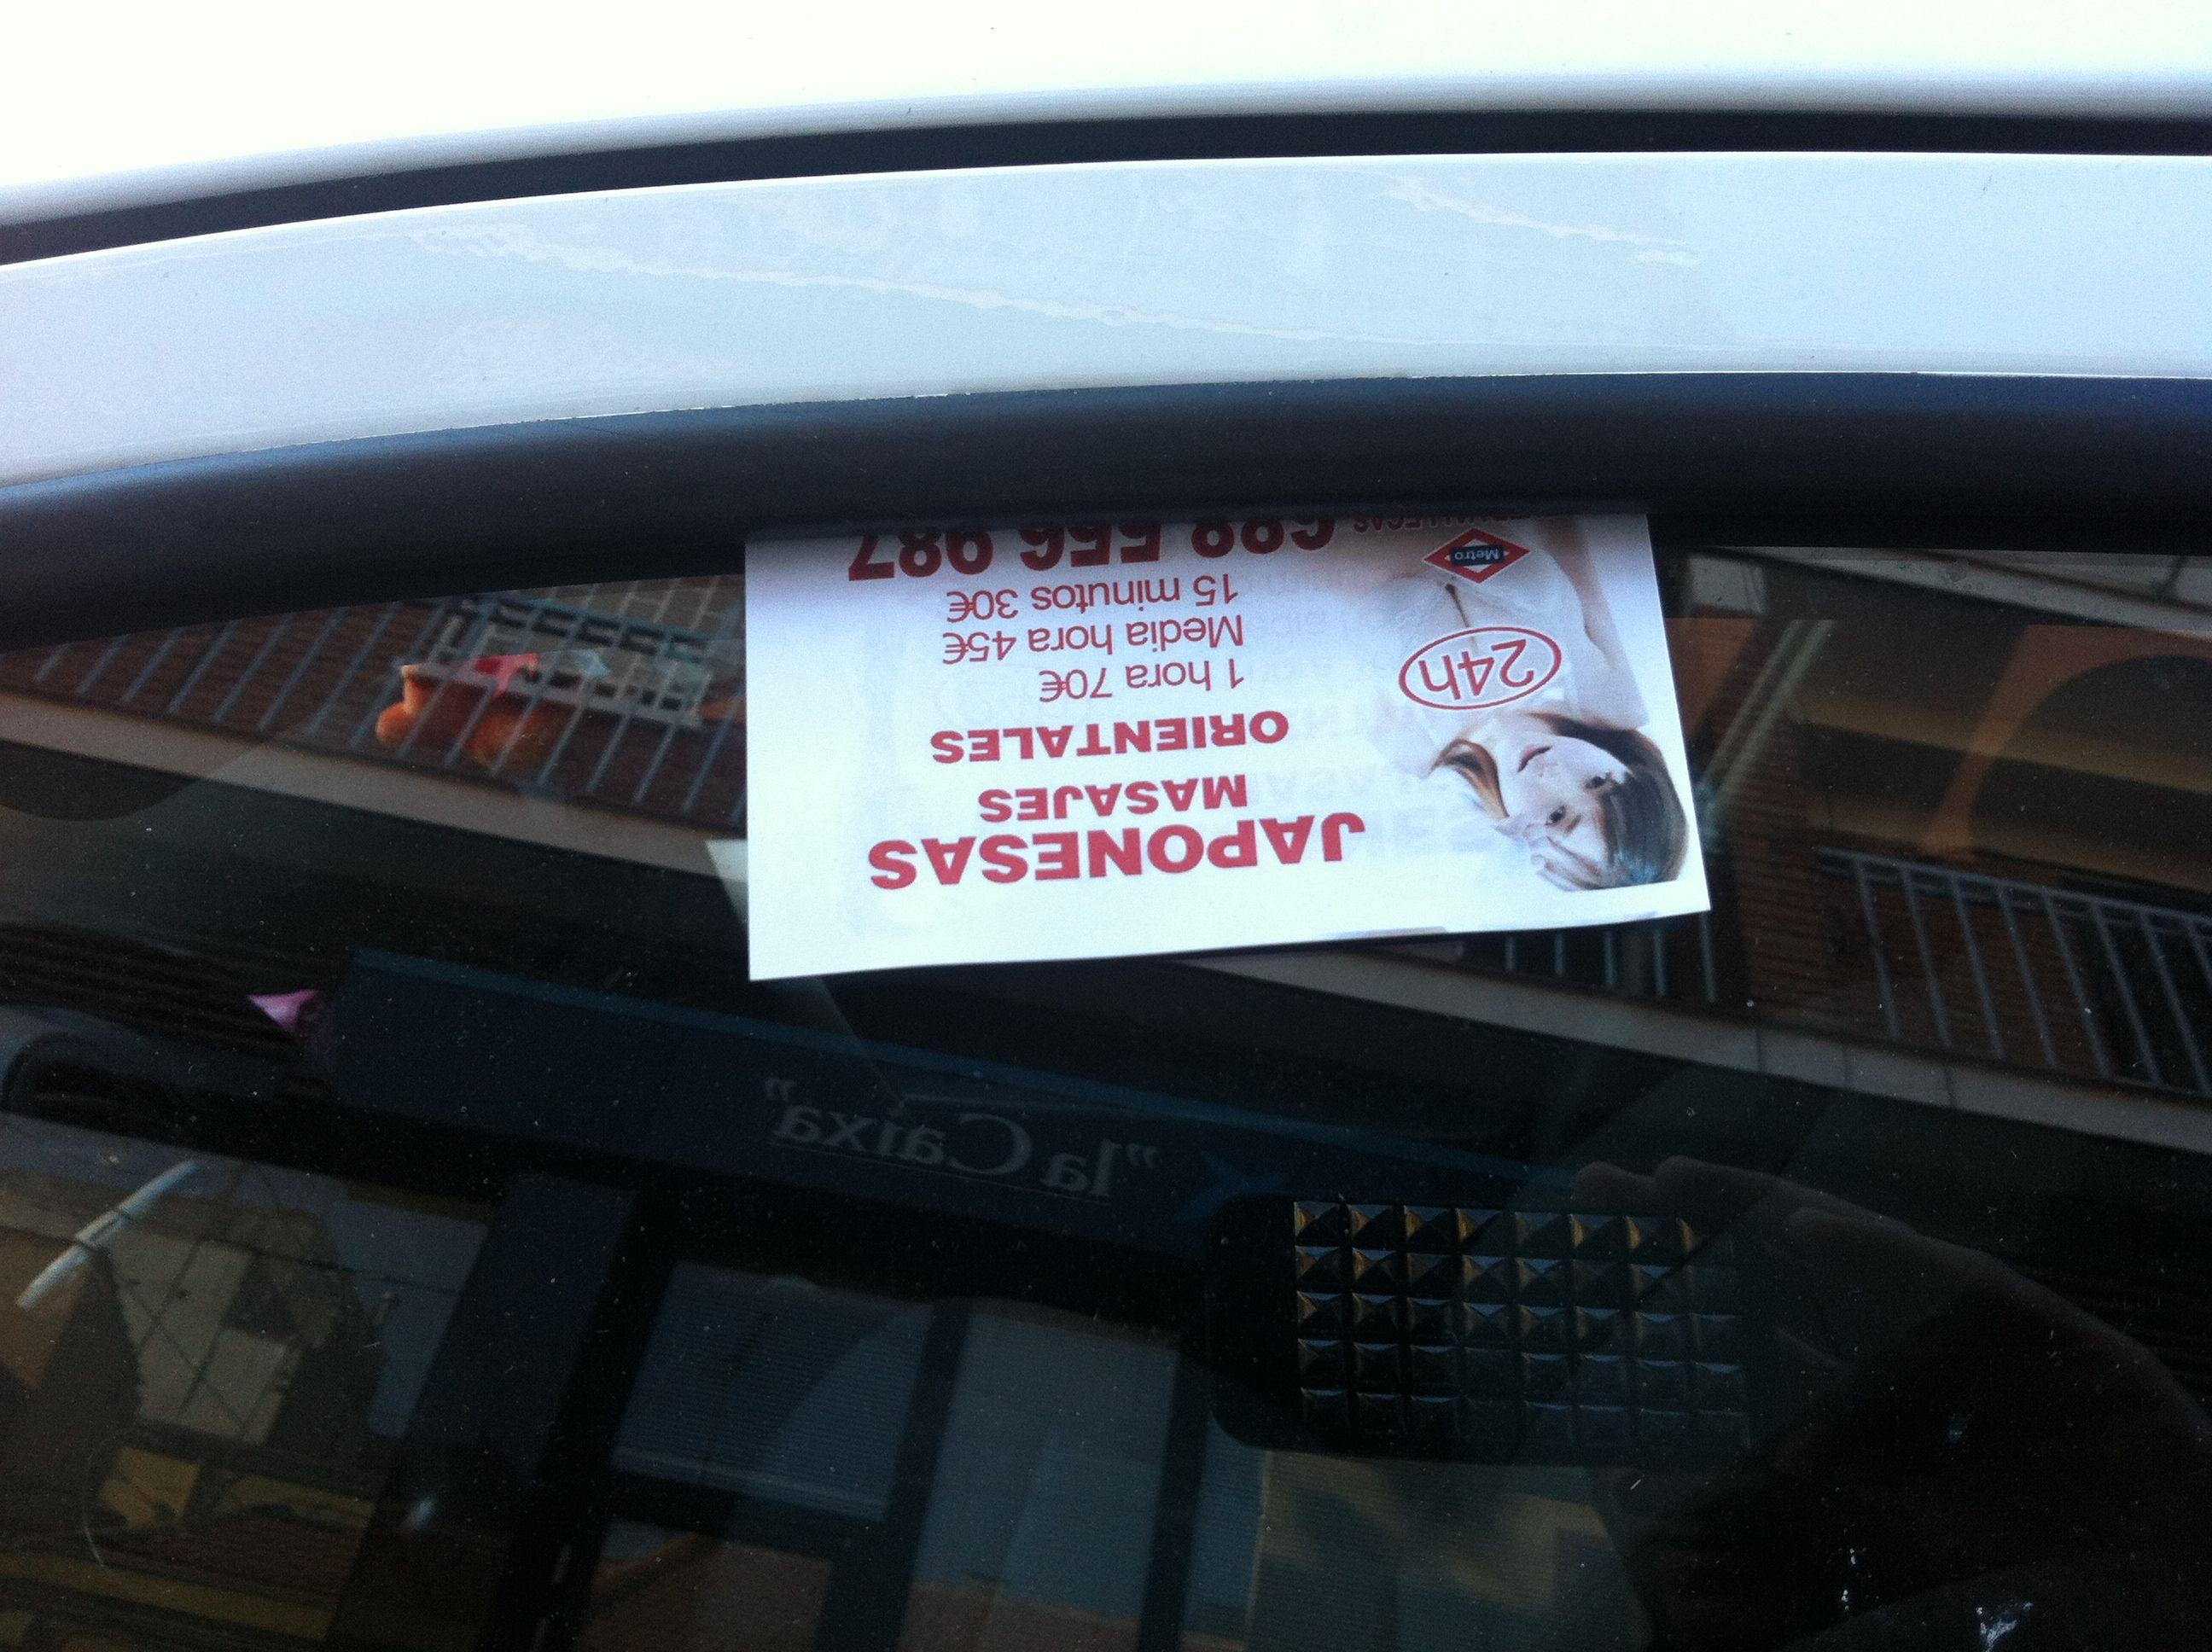 anucios de prostitutas los anuncios de prostitutas en los parabrisas serán ilegales